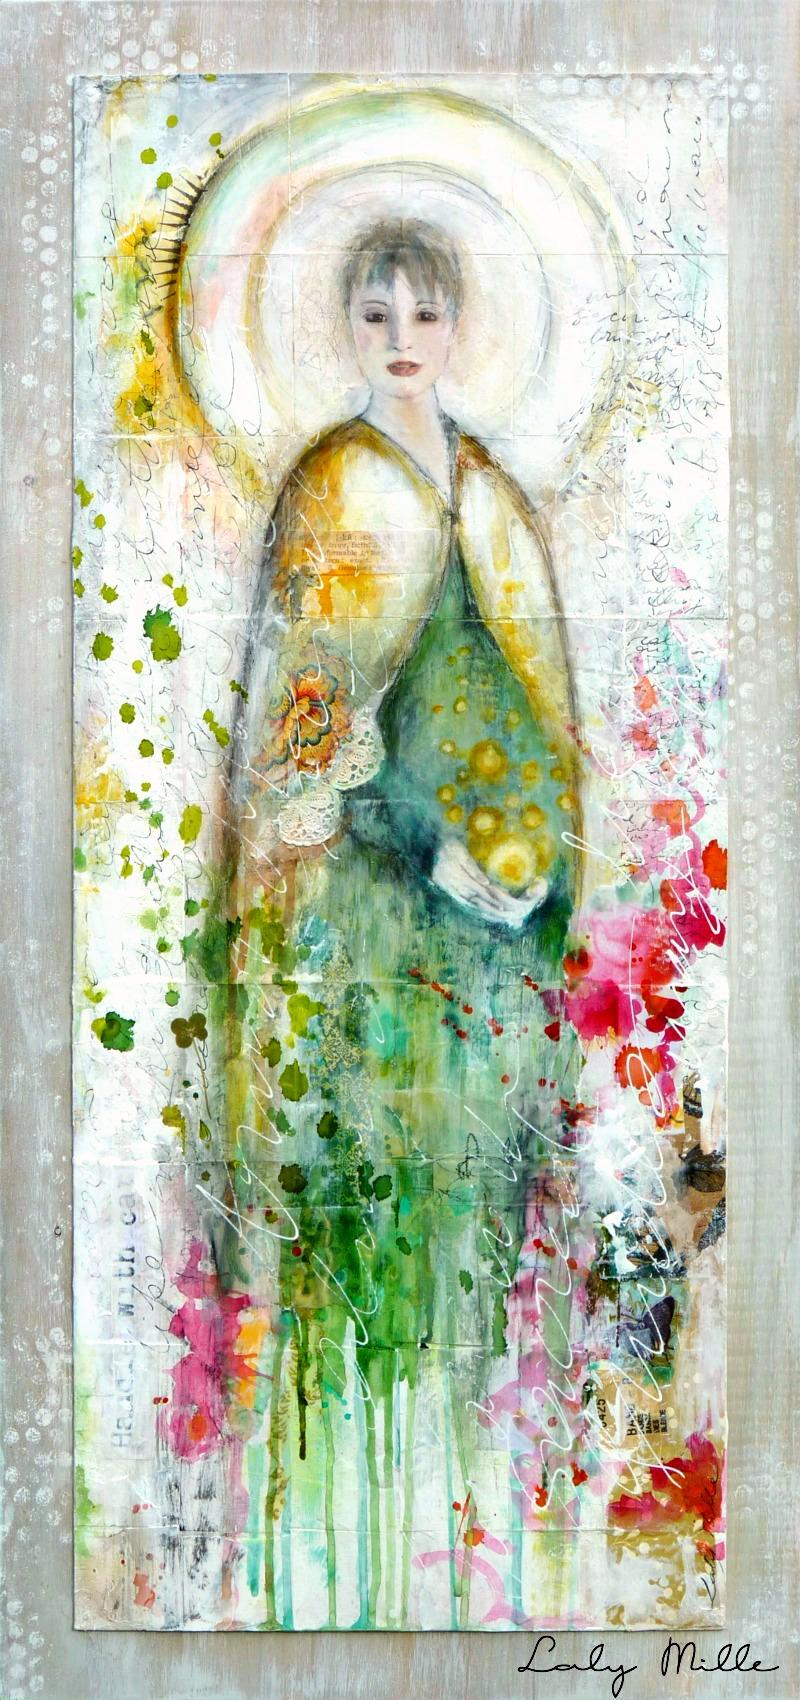 Guardian of Dusk (Gardienne du Crépuscule) - Mixed media sur papier et bois © 2015 Laly Mille